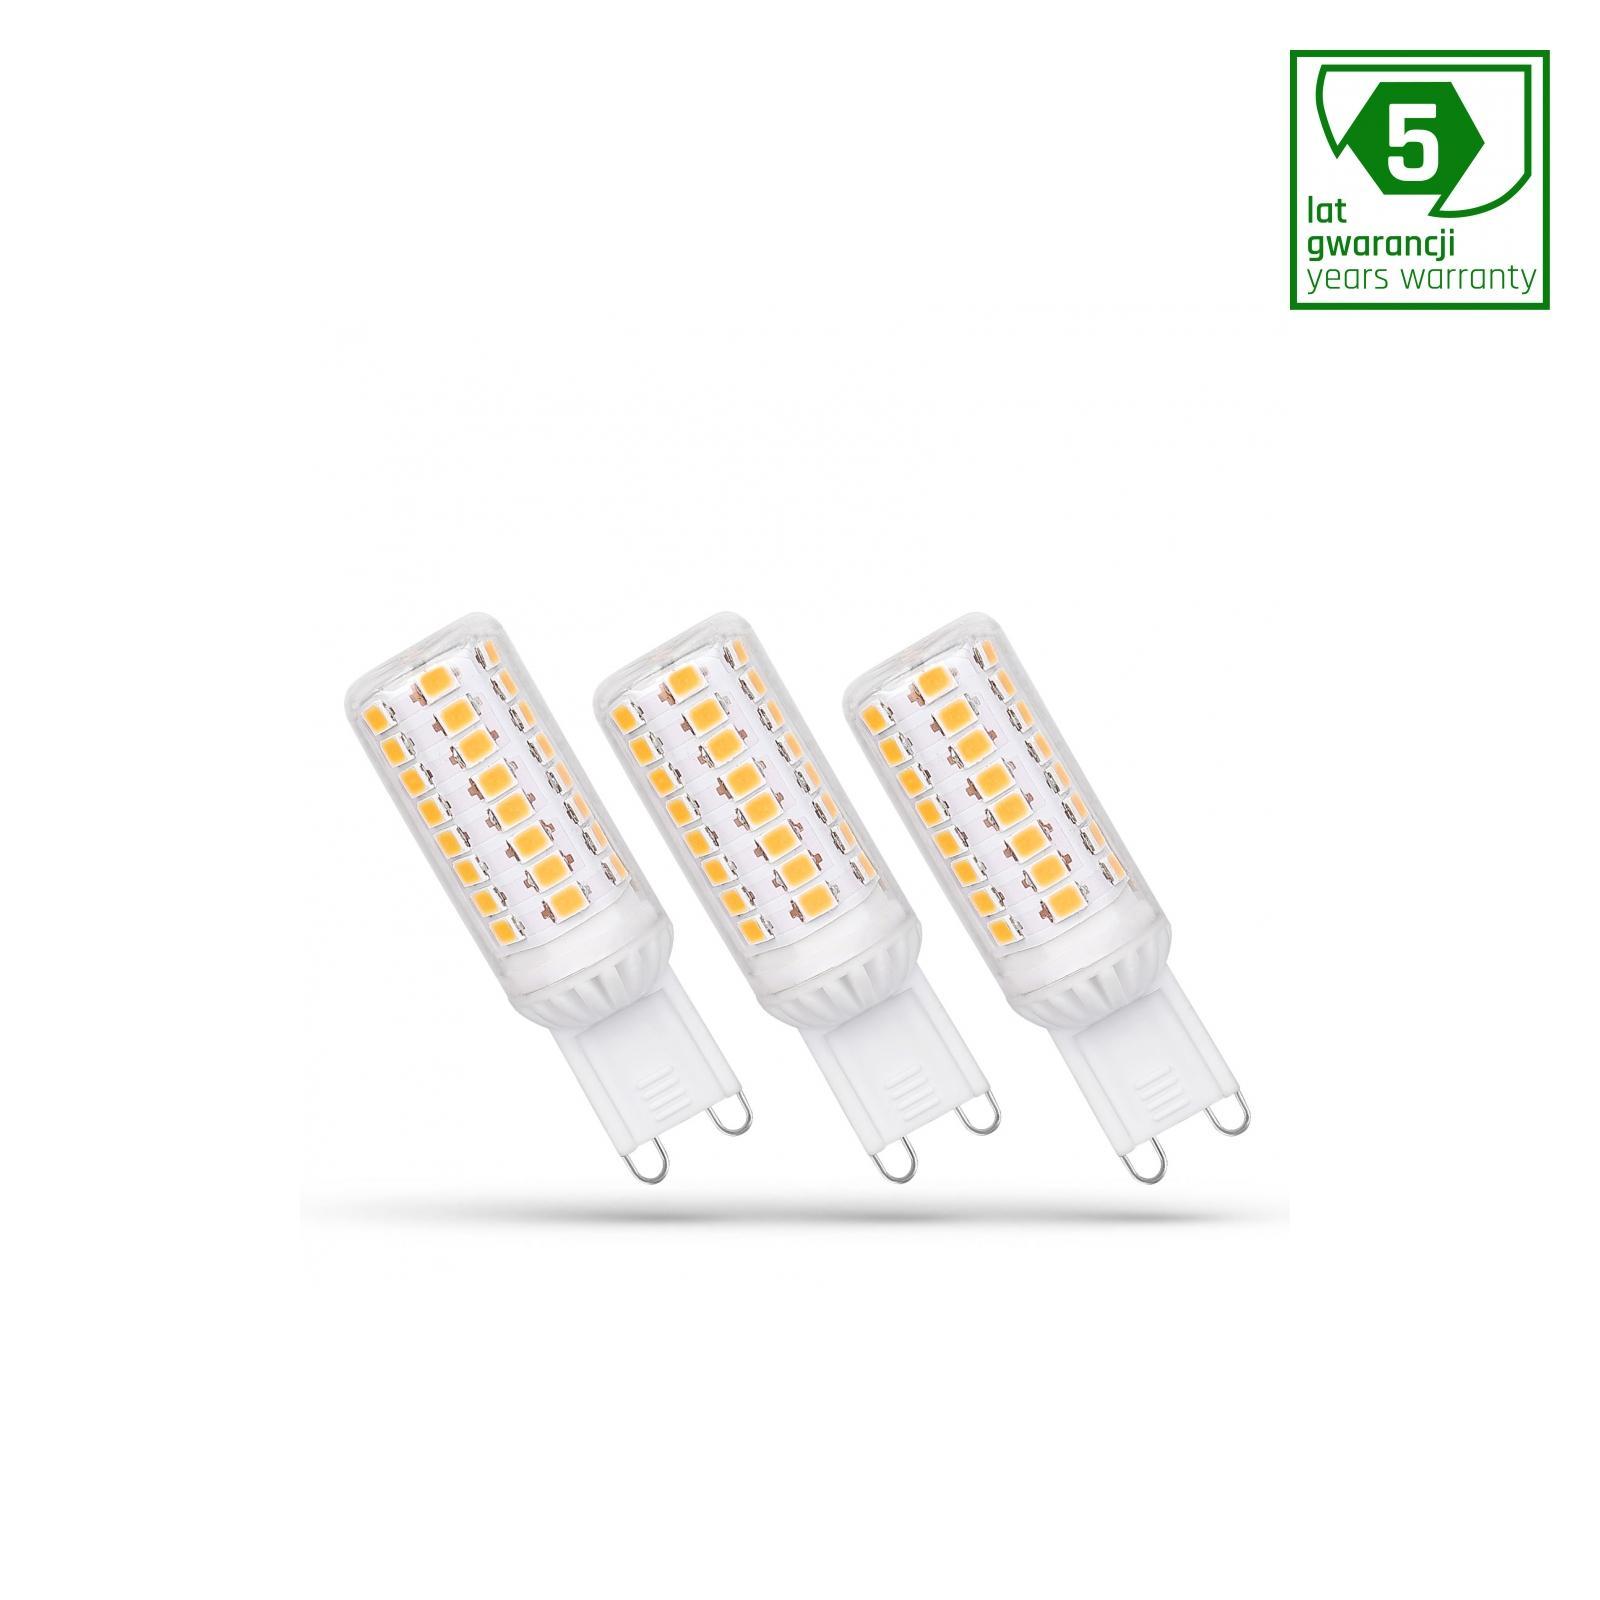 LED G9 230V 4W Teplá bílá stmívatelné SMD 5 LAT PREMIUM SPECTRUM 3-PACK